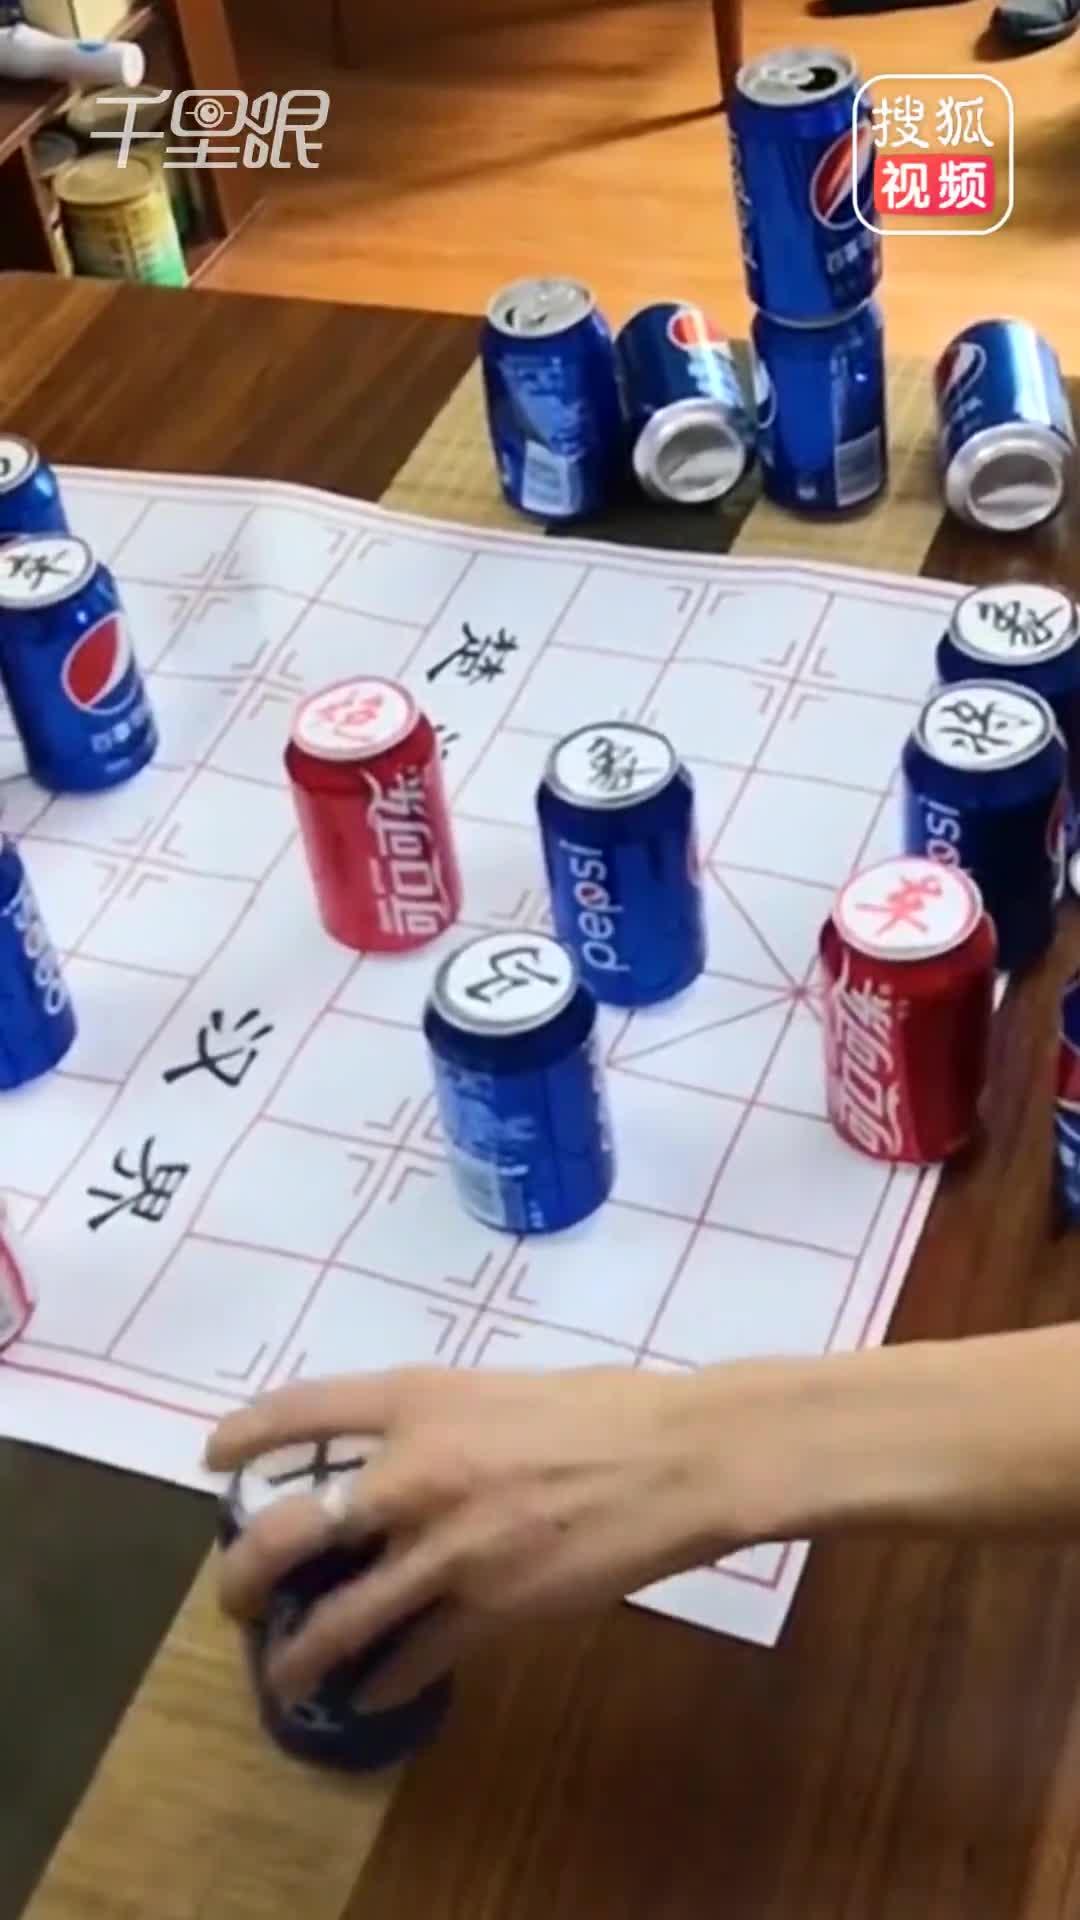 """[视频]两人玩""""可乐象棋""""输一子喝一罐:差点吐了"""